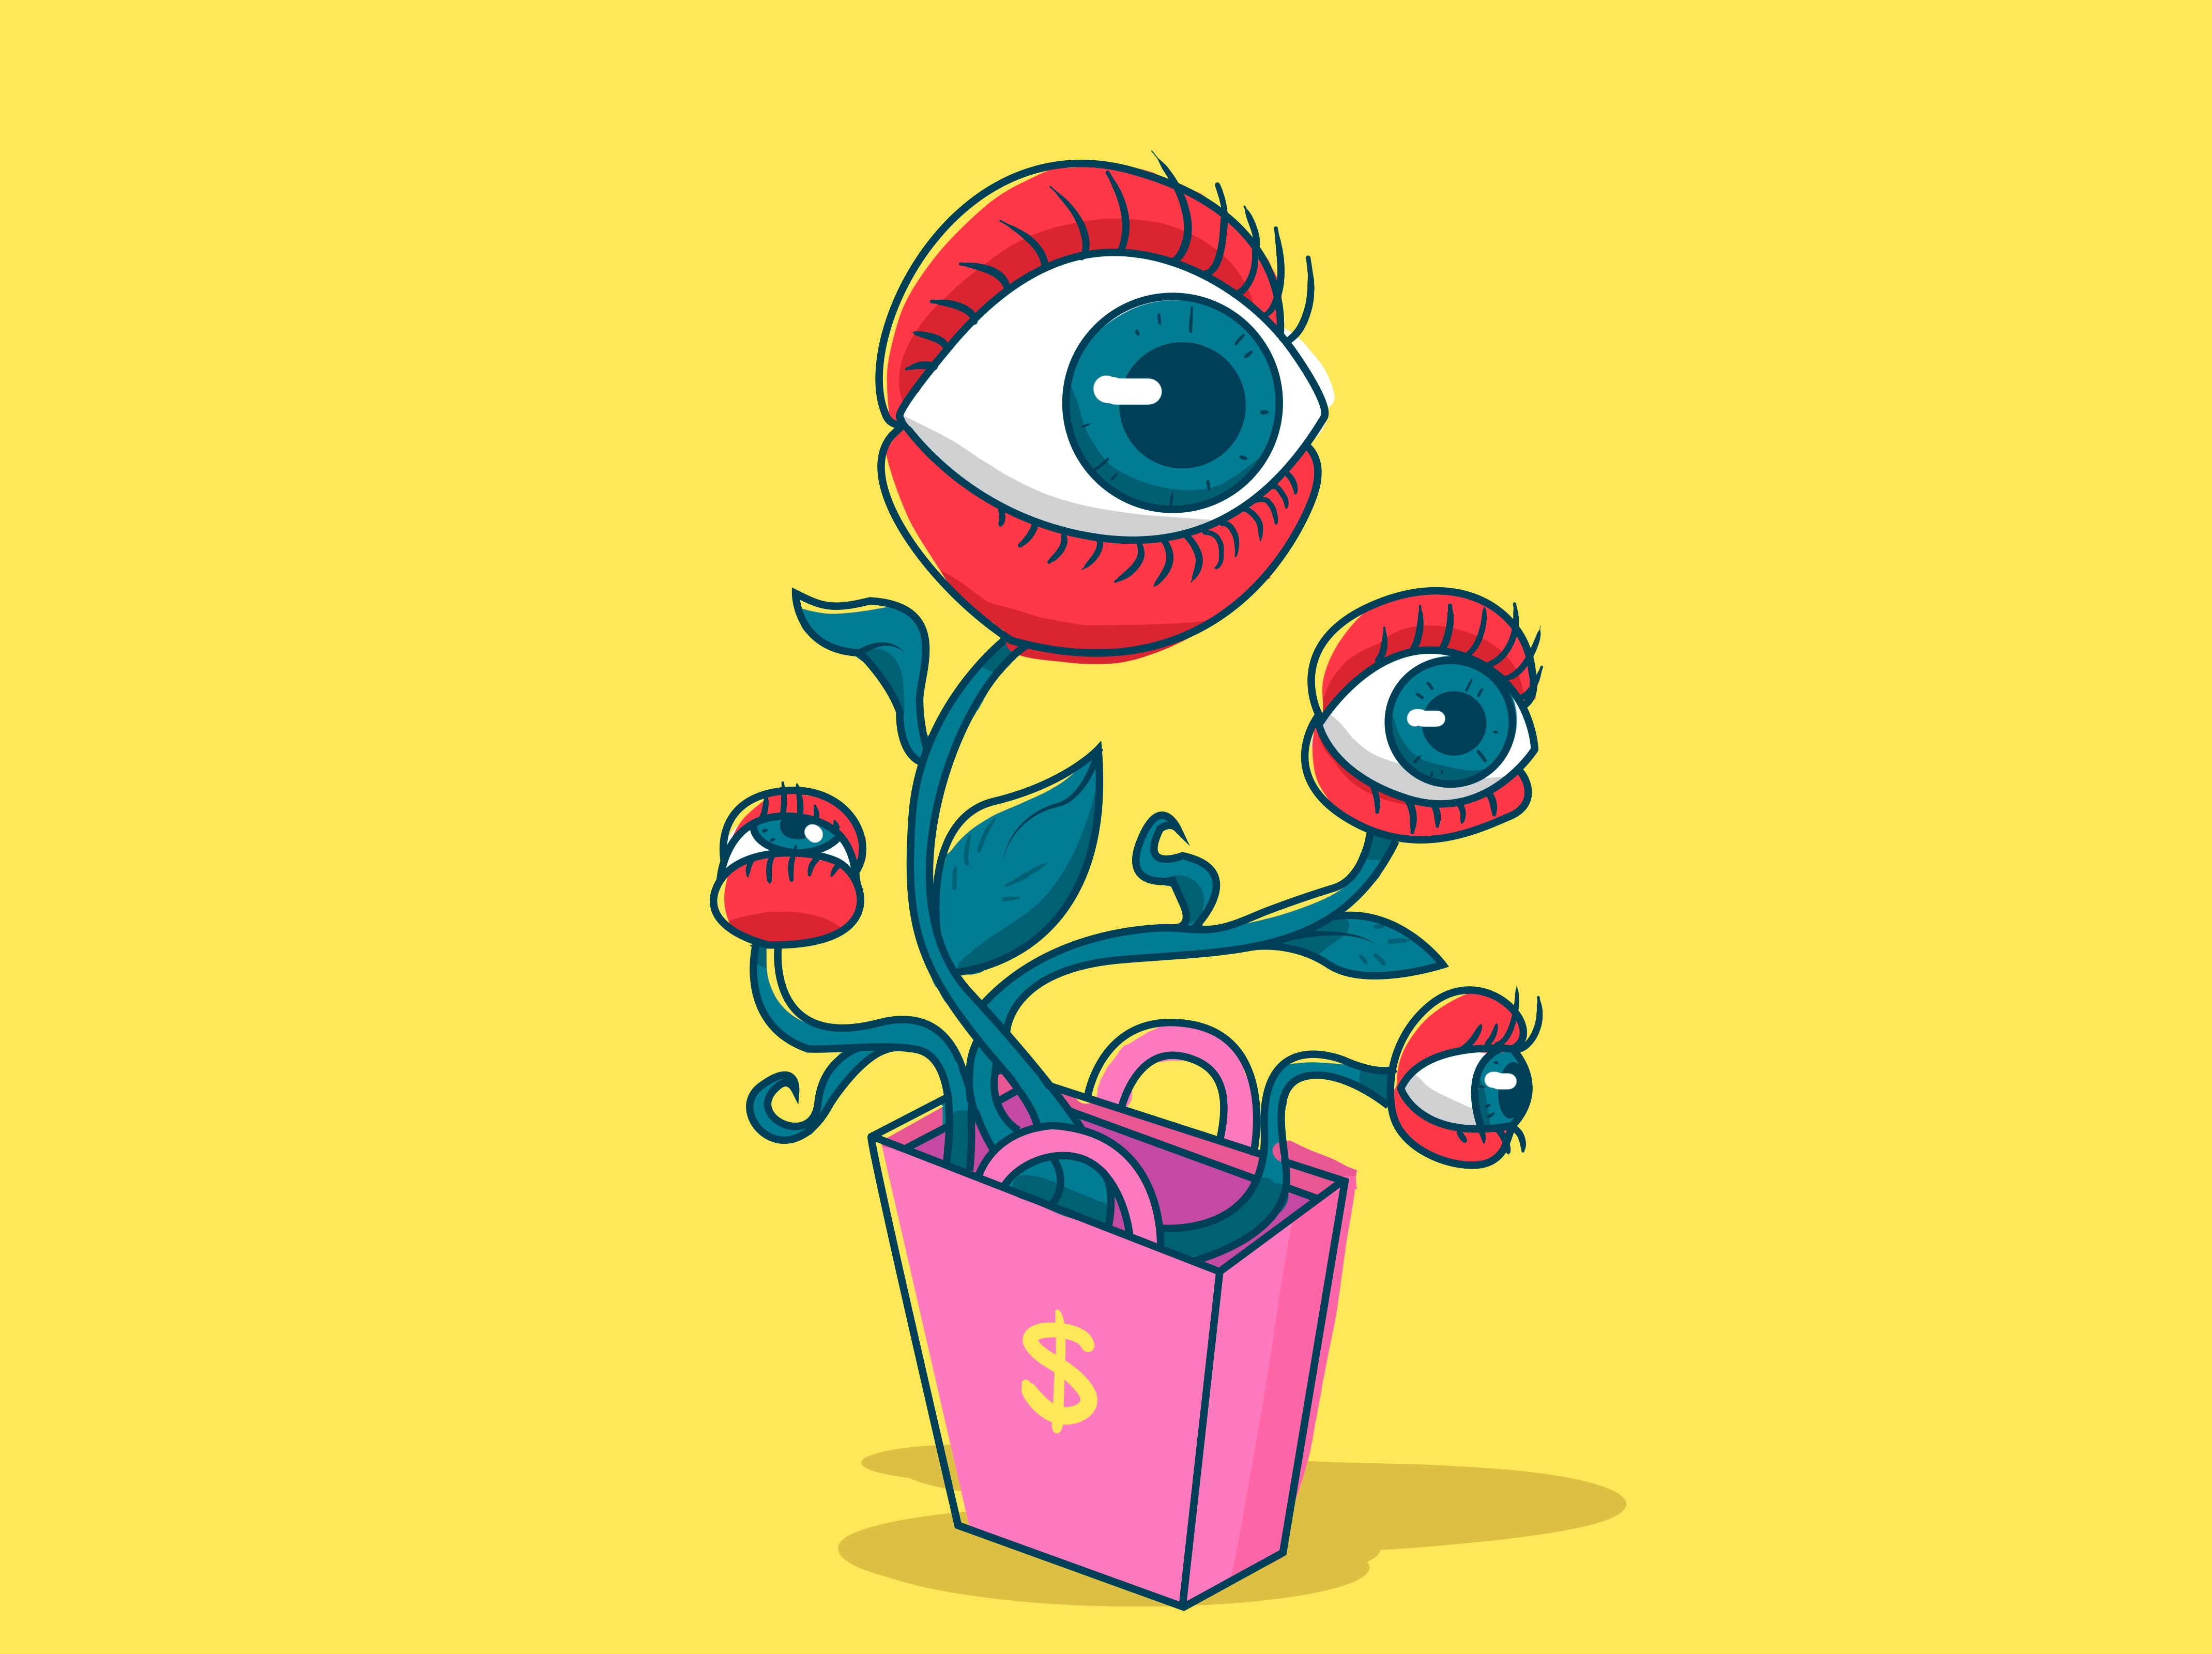 ilustração de olhos saindo de uma sacola de compras